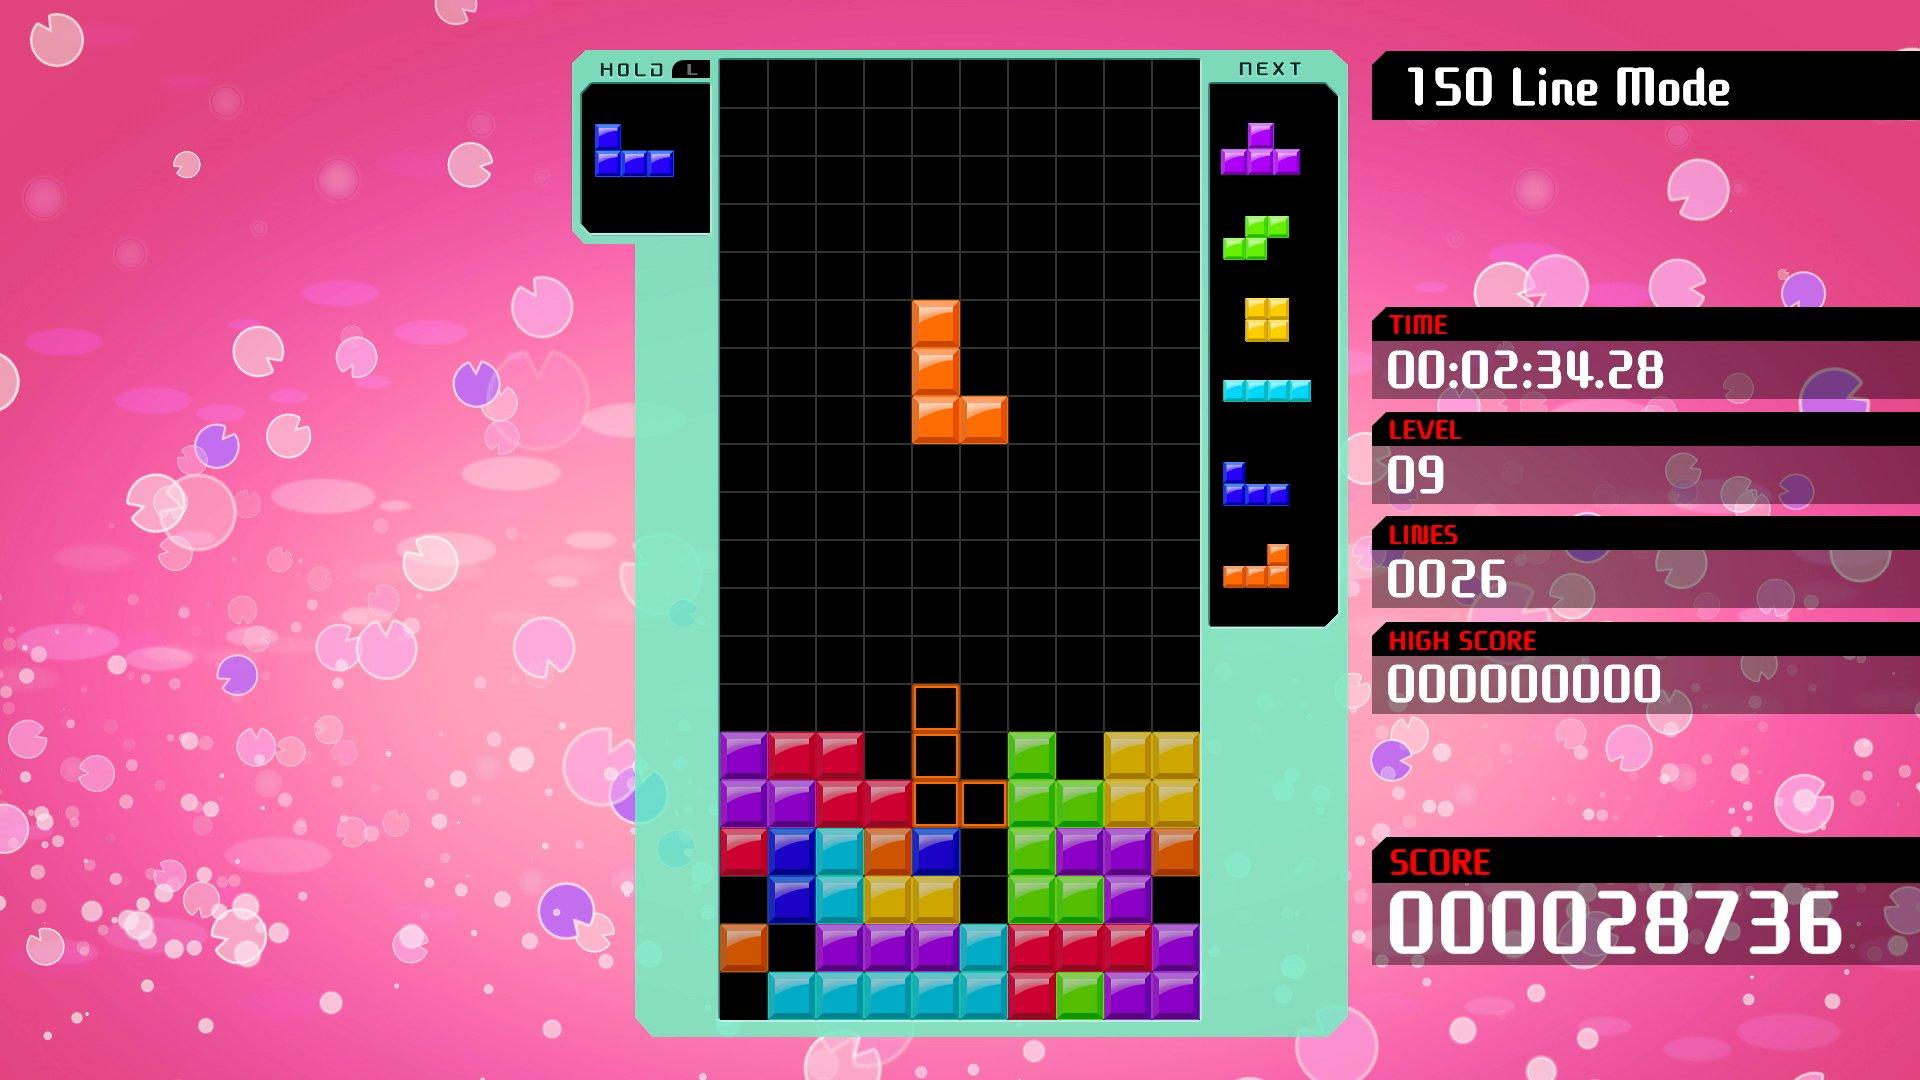 Comment changer le thème personnalisé dans Tetris 99